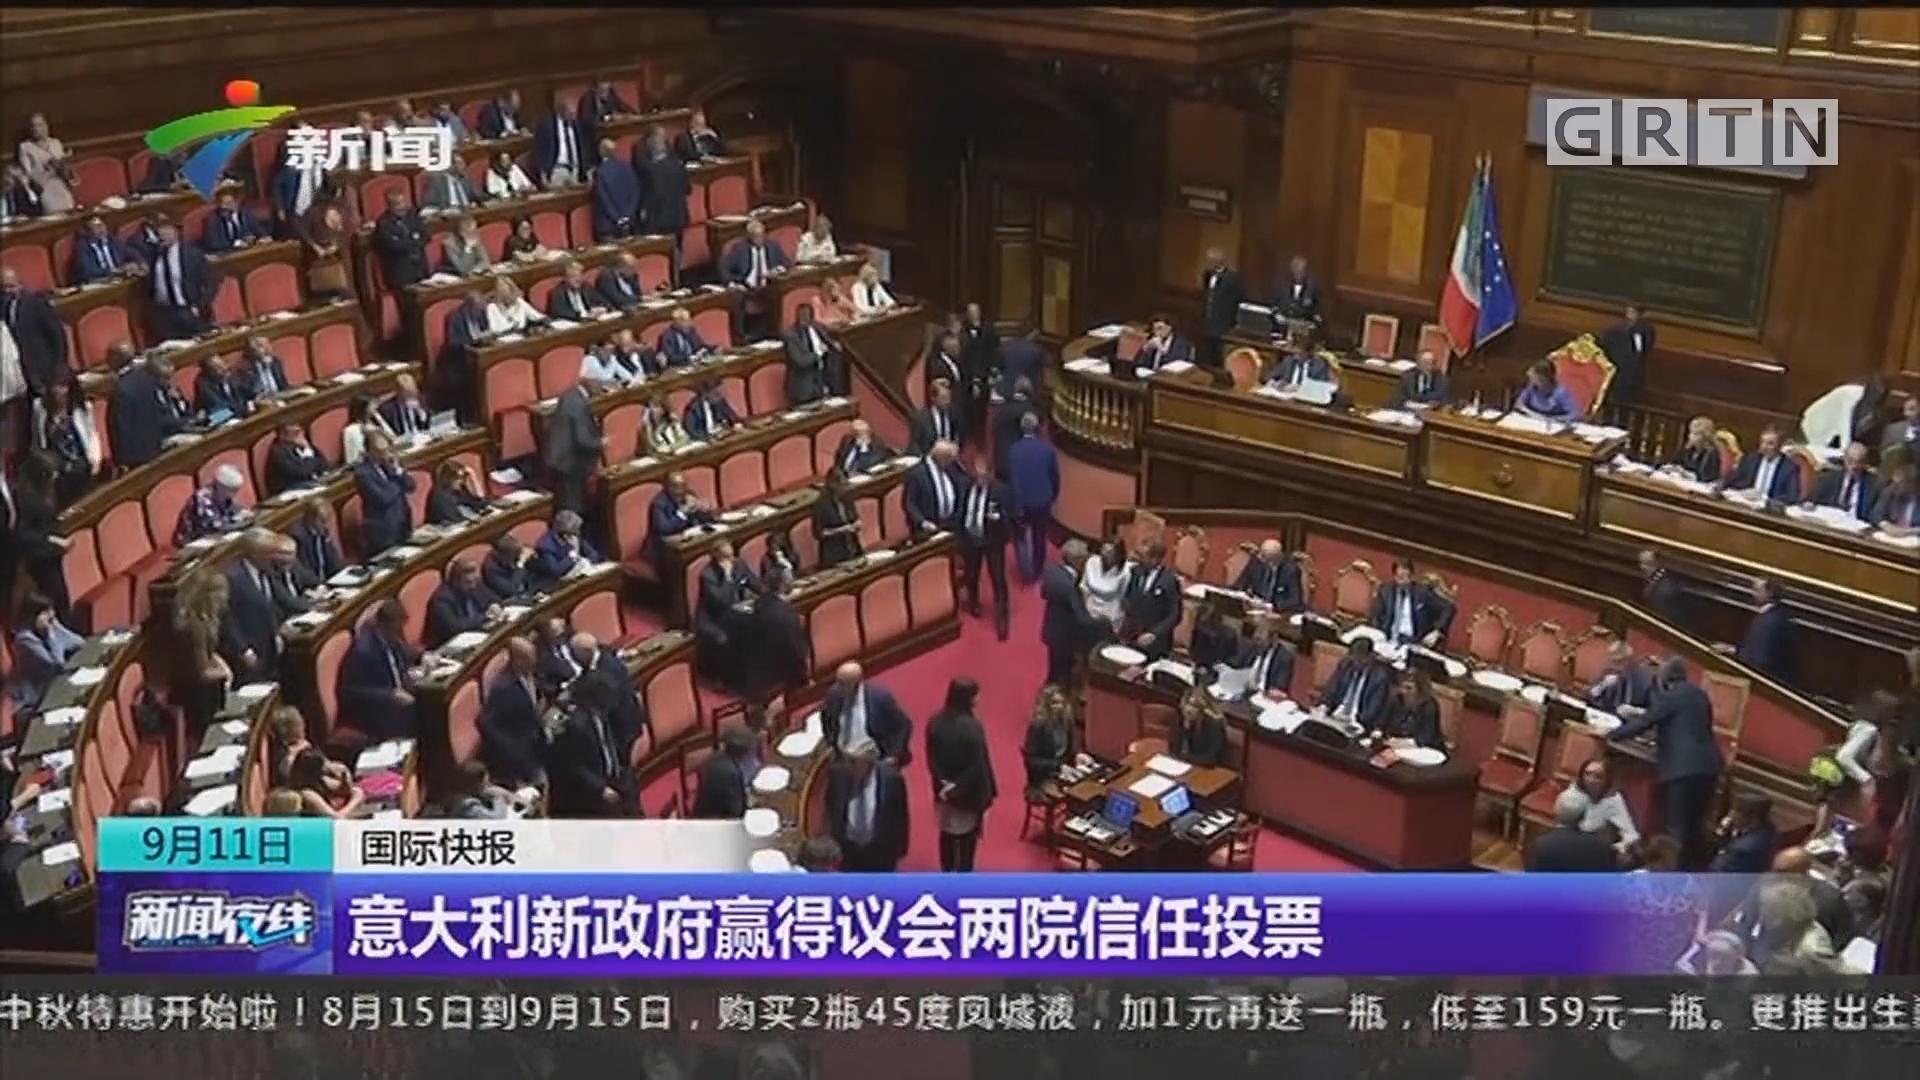 意大利新政府赢得议会两院信任投票